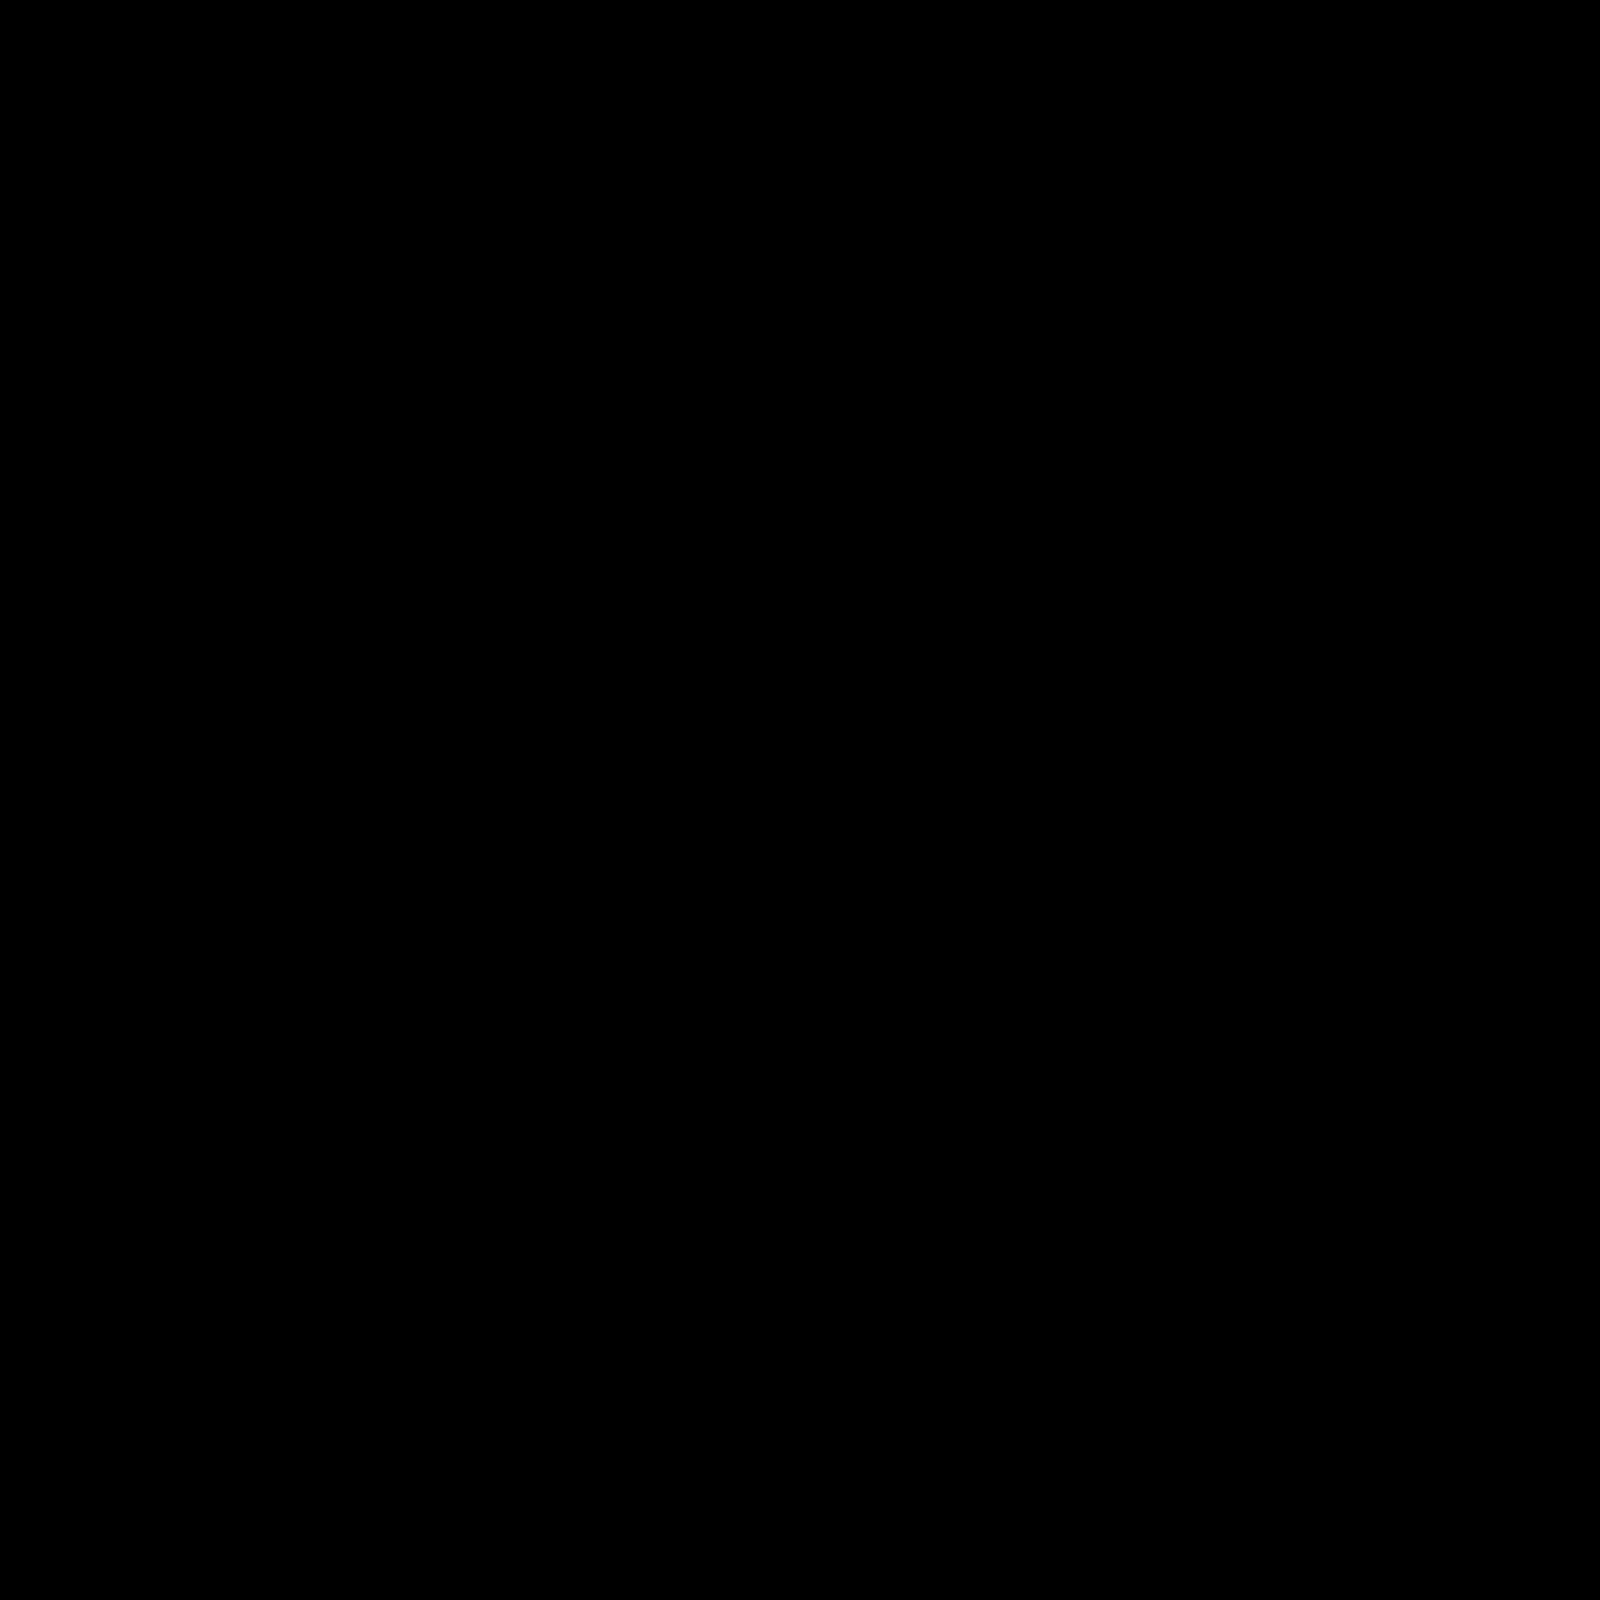 テニス icon. This is a complex icon that is meant to represent a tennis racket and tennis ball. The ball is hovering just above the racket and is composed of a small circle with two curved lines in the middle. The racket is composed of a smaller oval inside of a larger one connected to a stylized version of a handle.